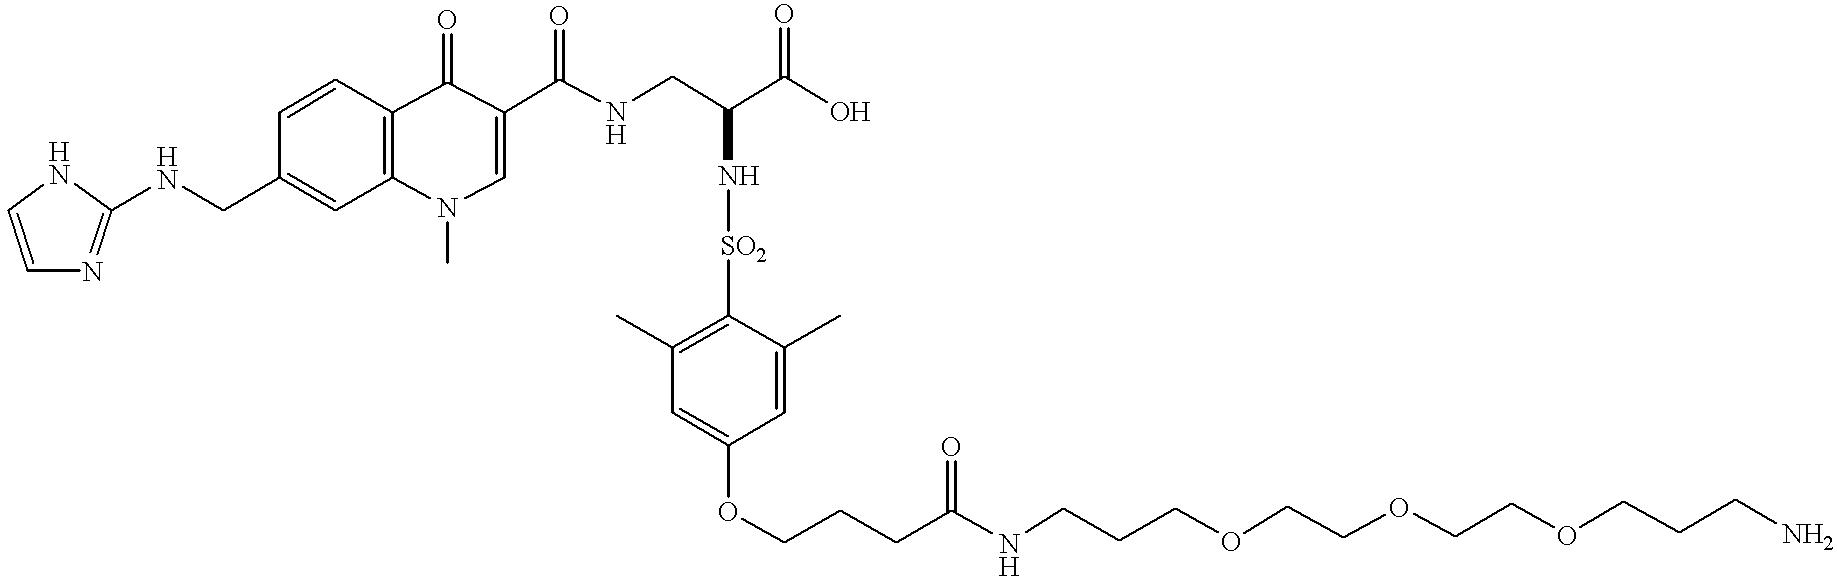 Figure US06683163-20040127-C00057